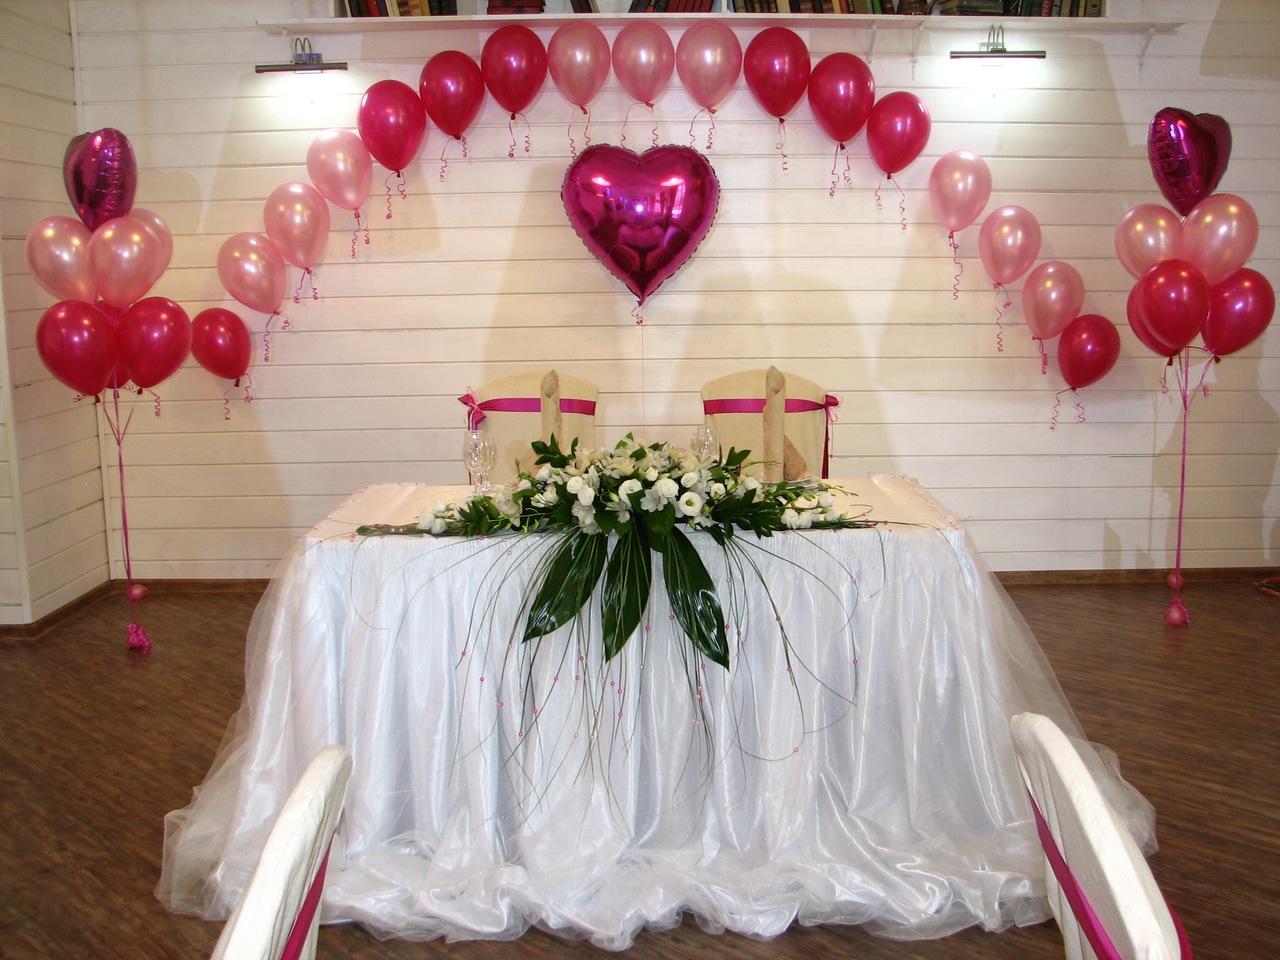 Как украсить зал на свадьбу своими руками, фото, сколько стоит 100